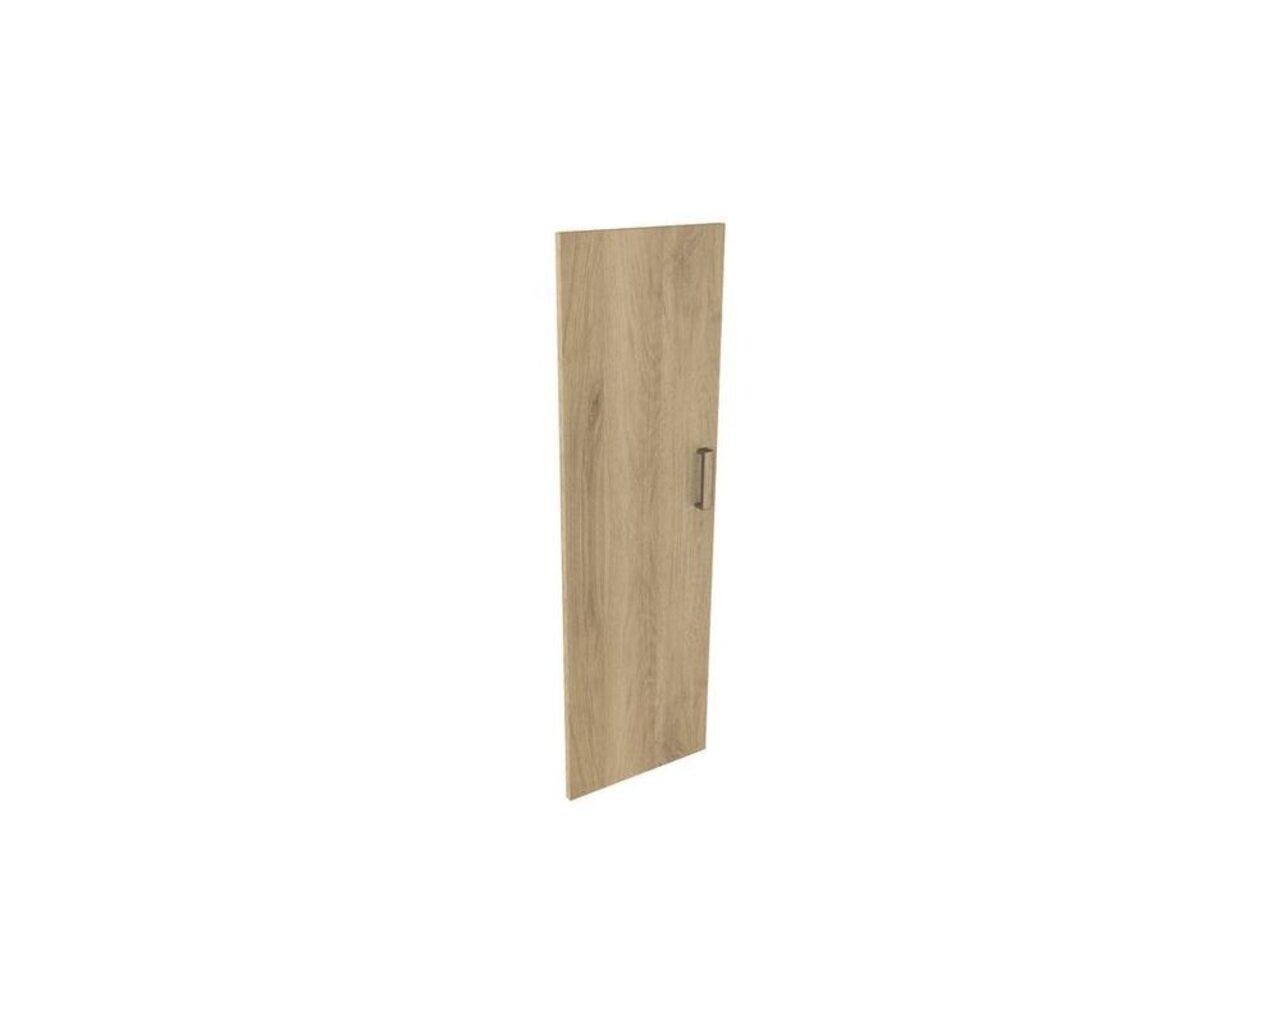 Дверь из ЛДСП к узкому стеллажу  Приоритет II 36x2x117 - фото 2